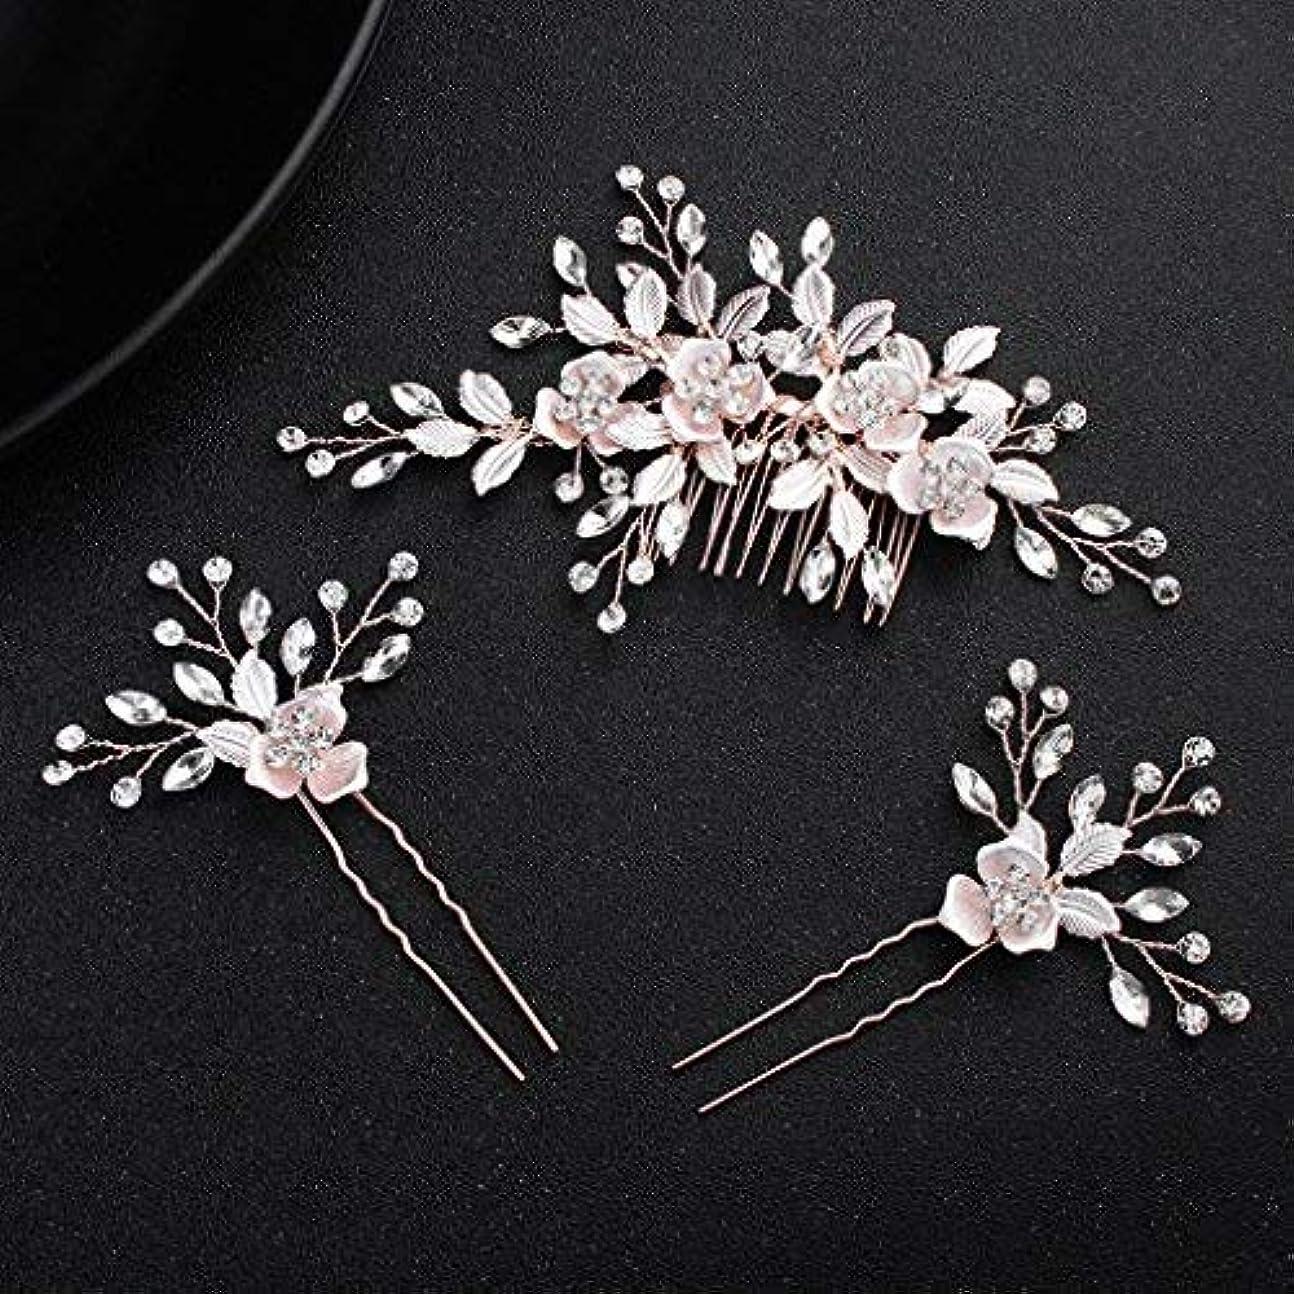 発信郡警告するobqoo Crystal Flowers Style Colorful Leaves Metal Bridal Hair Comb with 2 pcs Pins Rose Gold [並行輸入品]